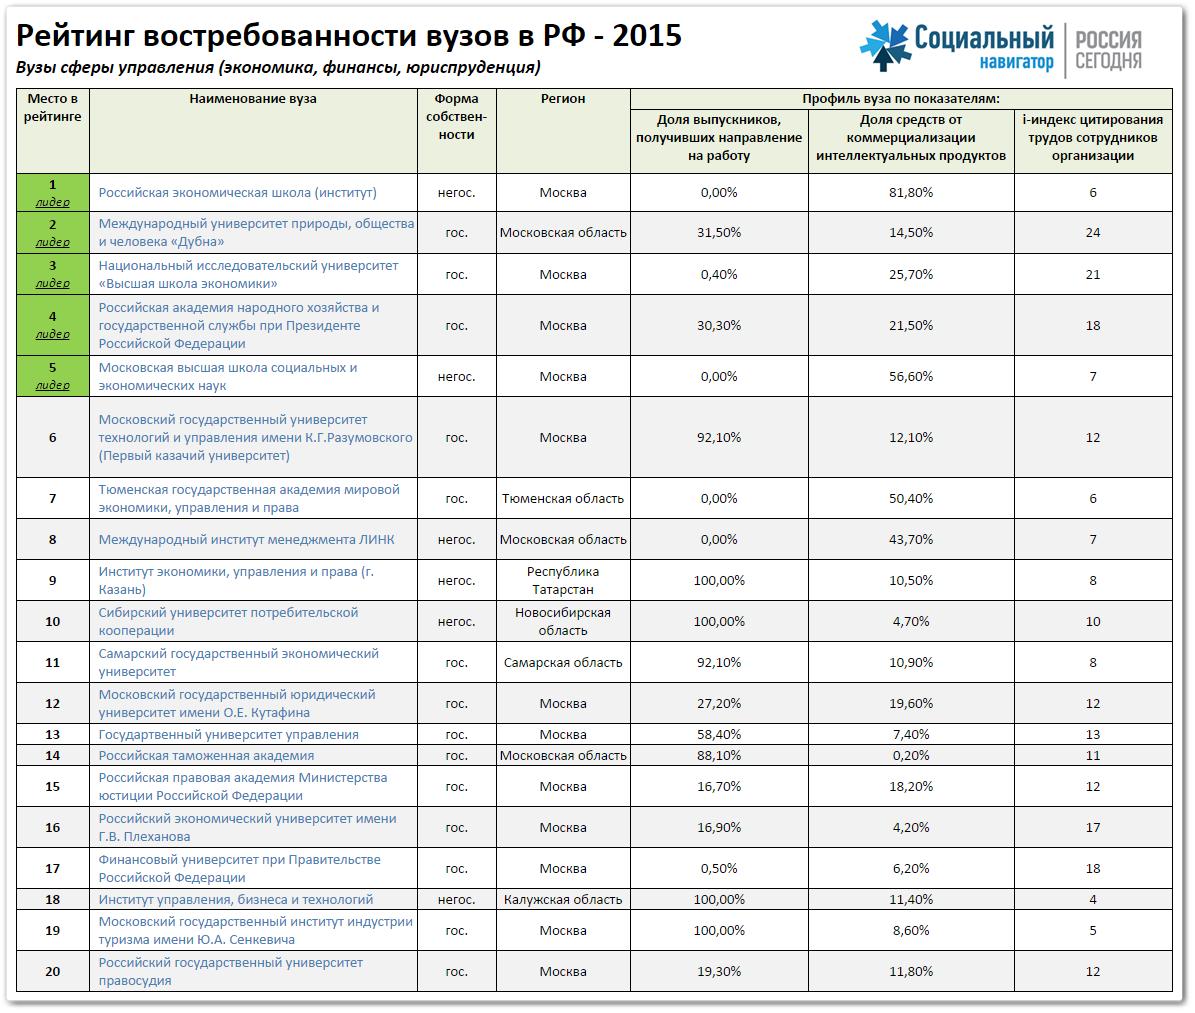 Рейтинг востребованности вузов в РФ - 2015